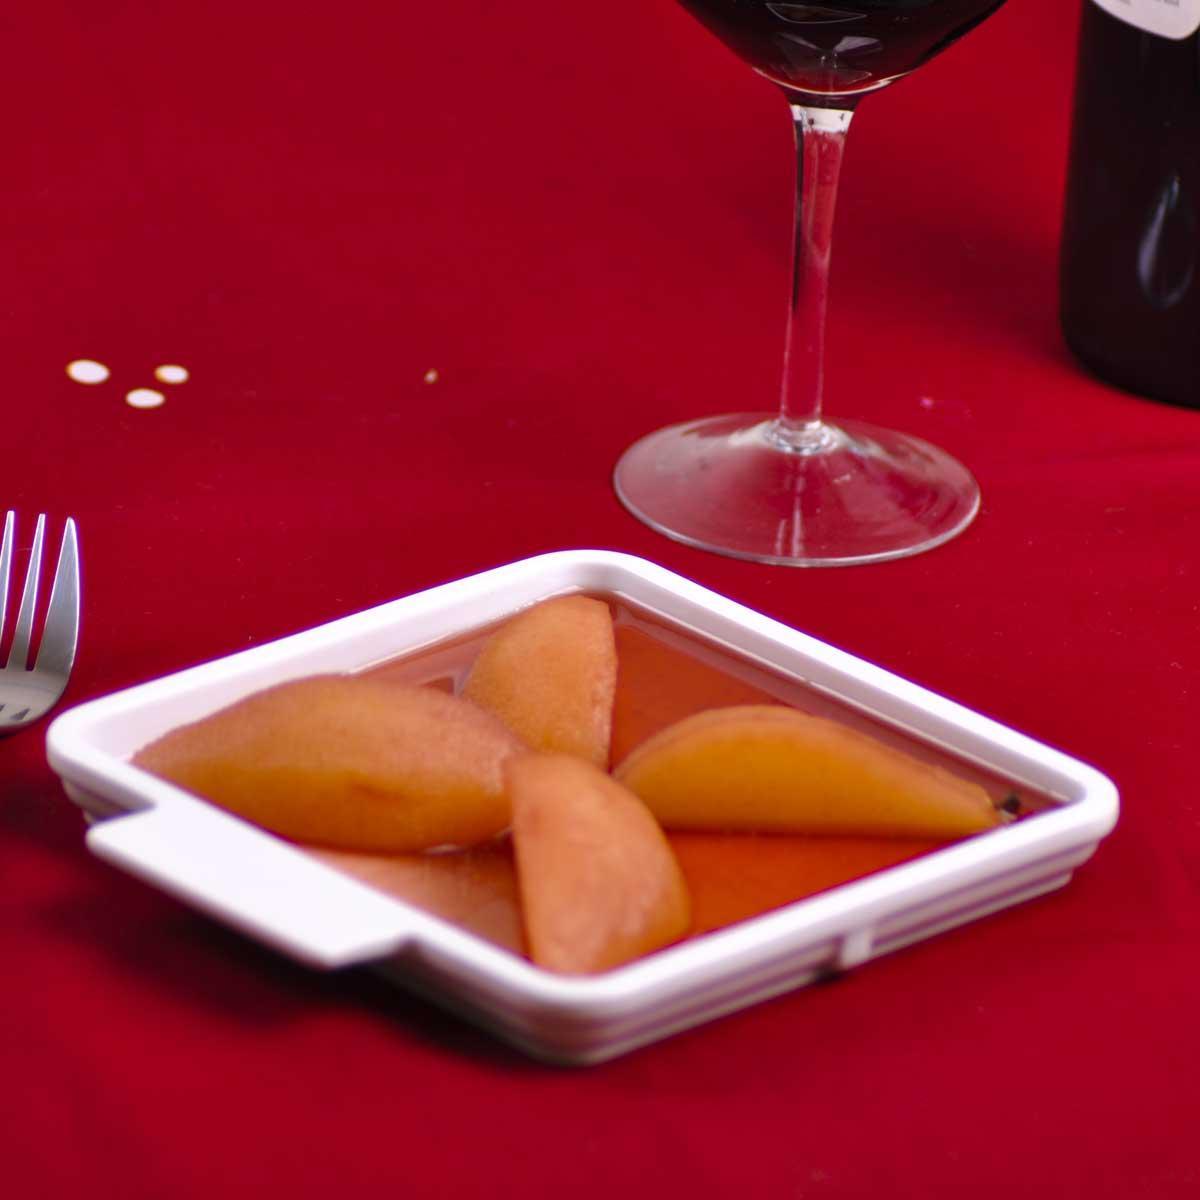 recette poires au vin cuisine madame figaro. Black Bedroom Furniture Sets. Home Design Ideas